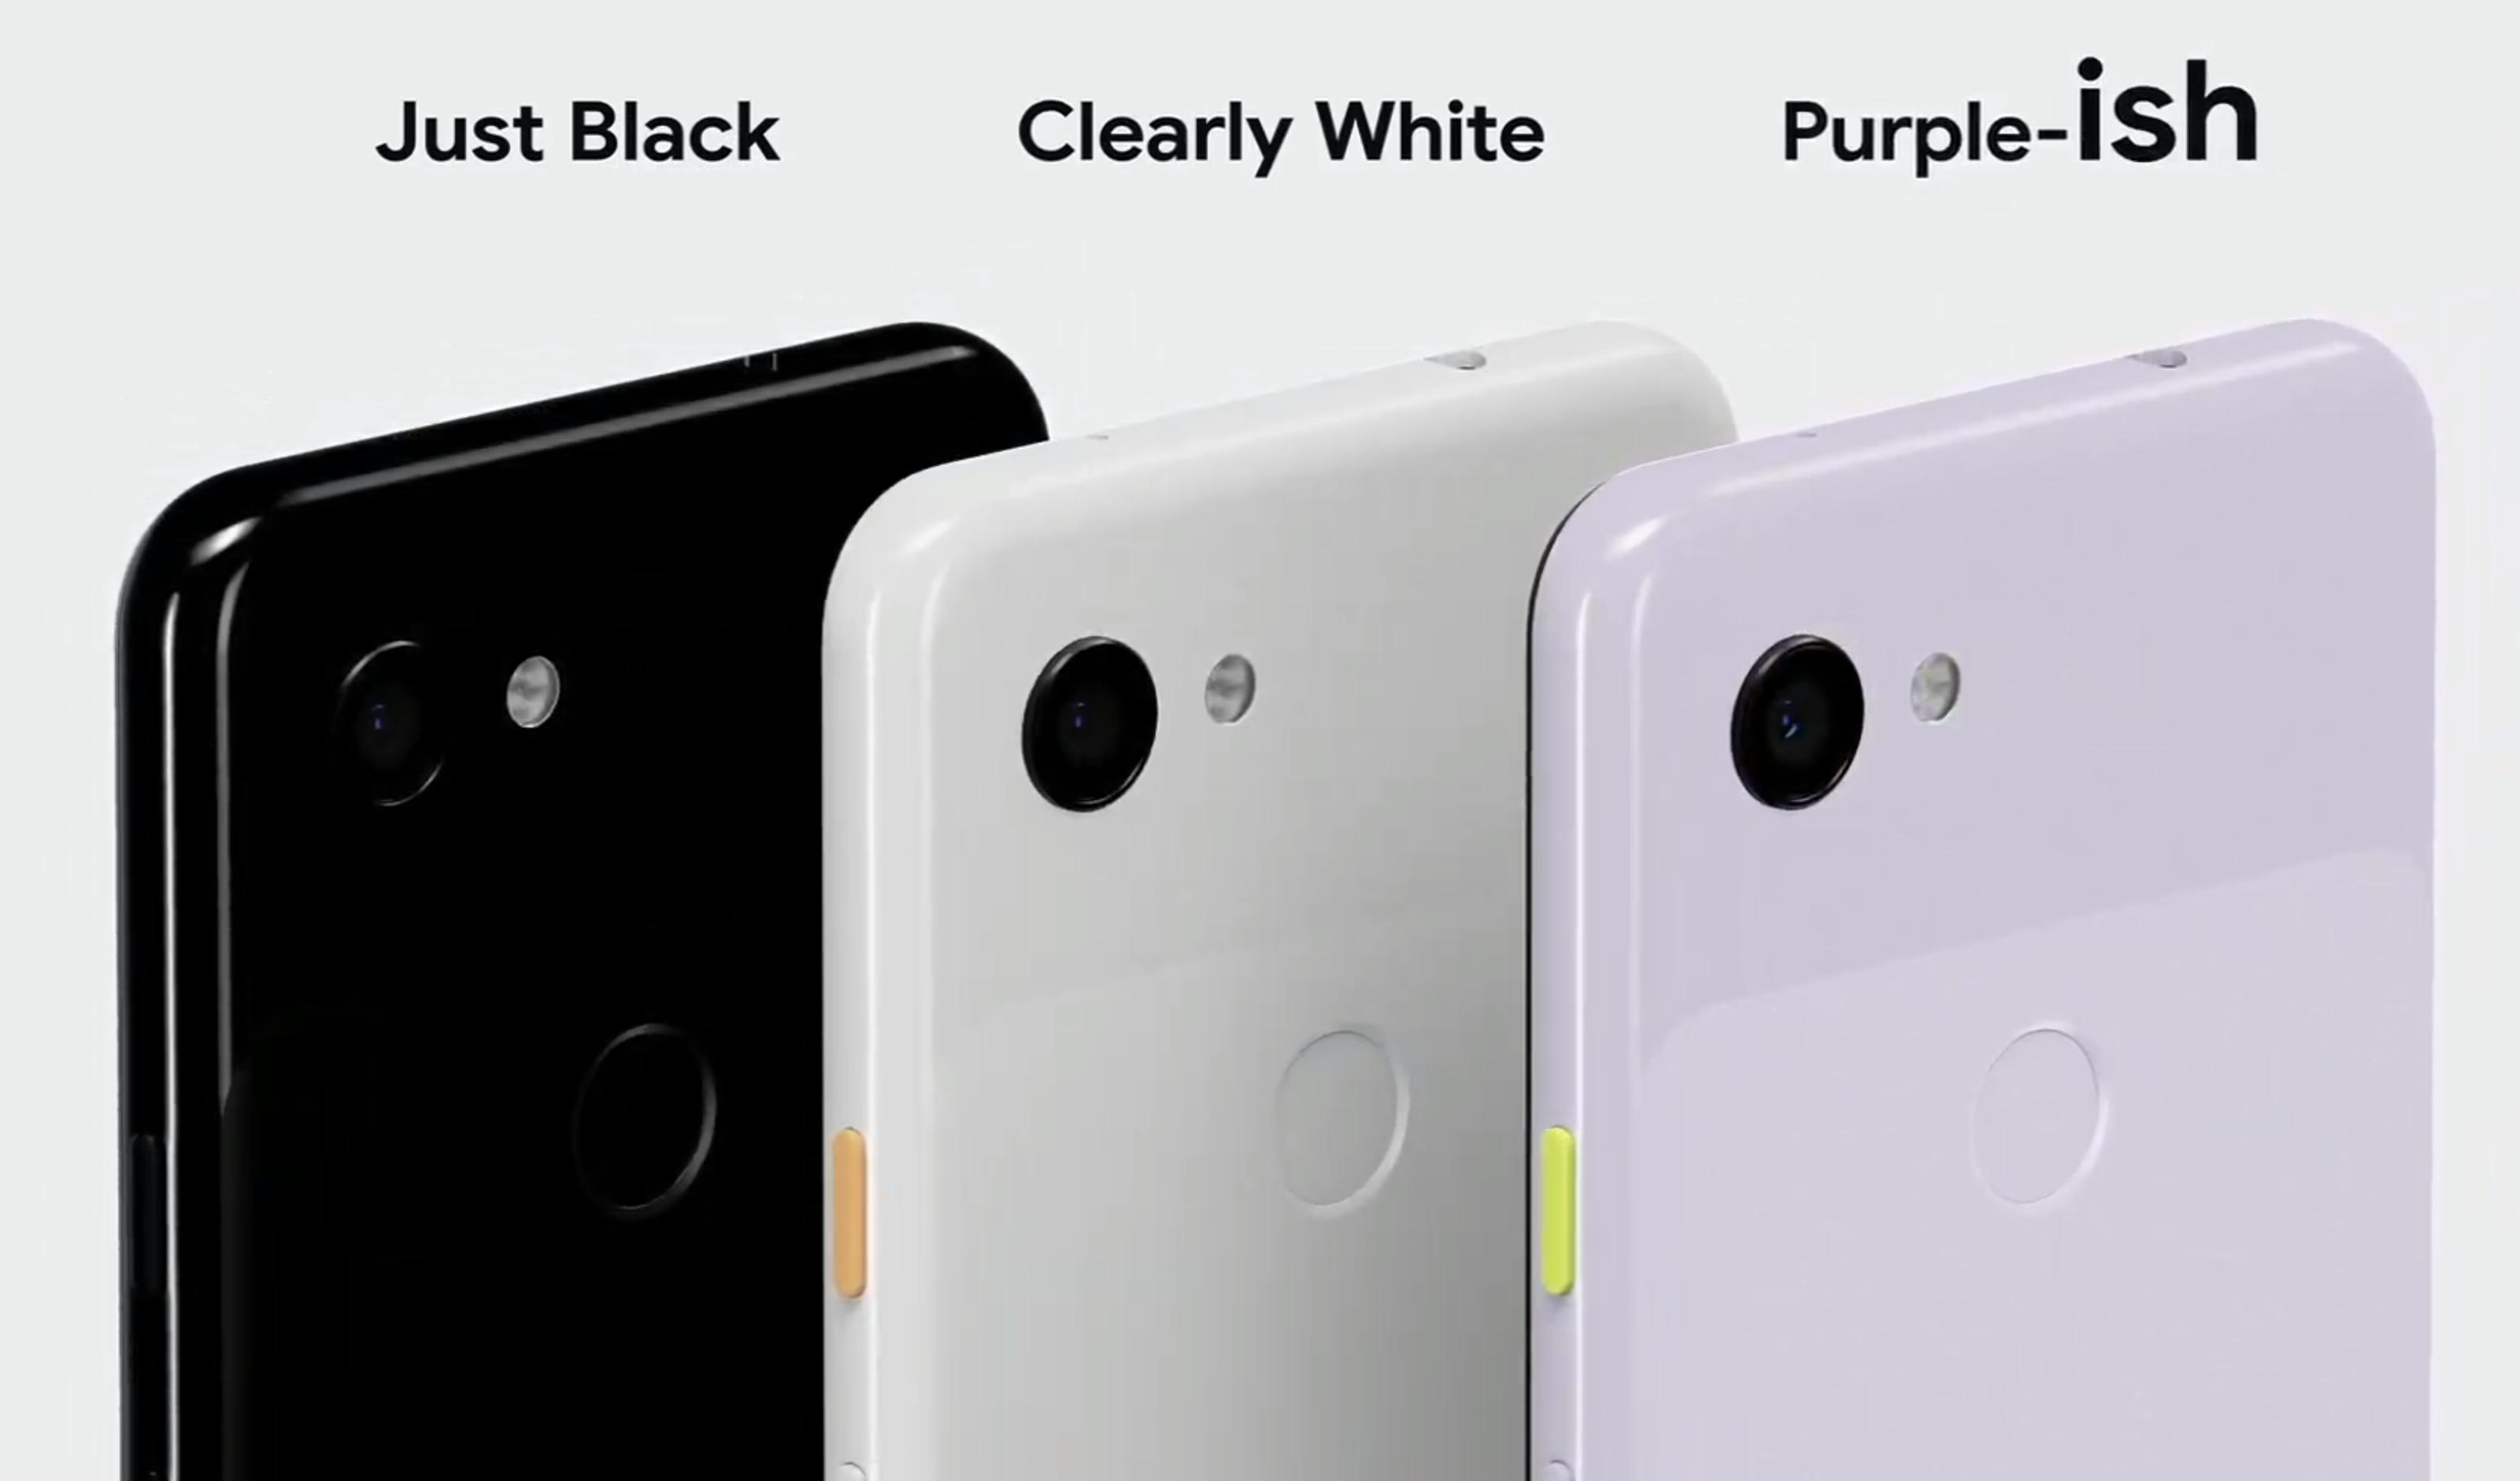 Pixel 3a kommer i tre farger. Og har hodetelefonkontakt på toppen. Helt til høyre - den nye Purple-ish-fargen.